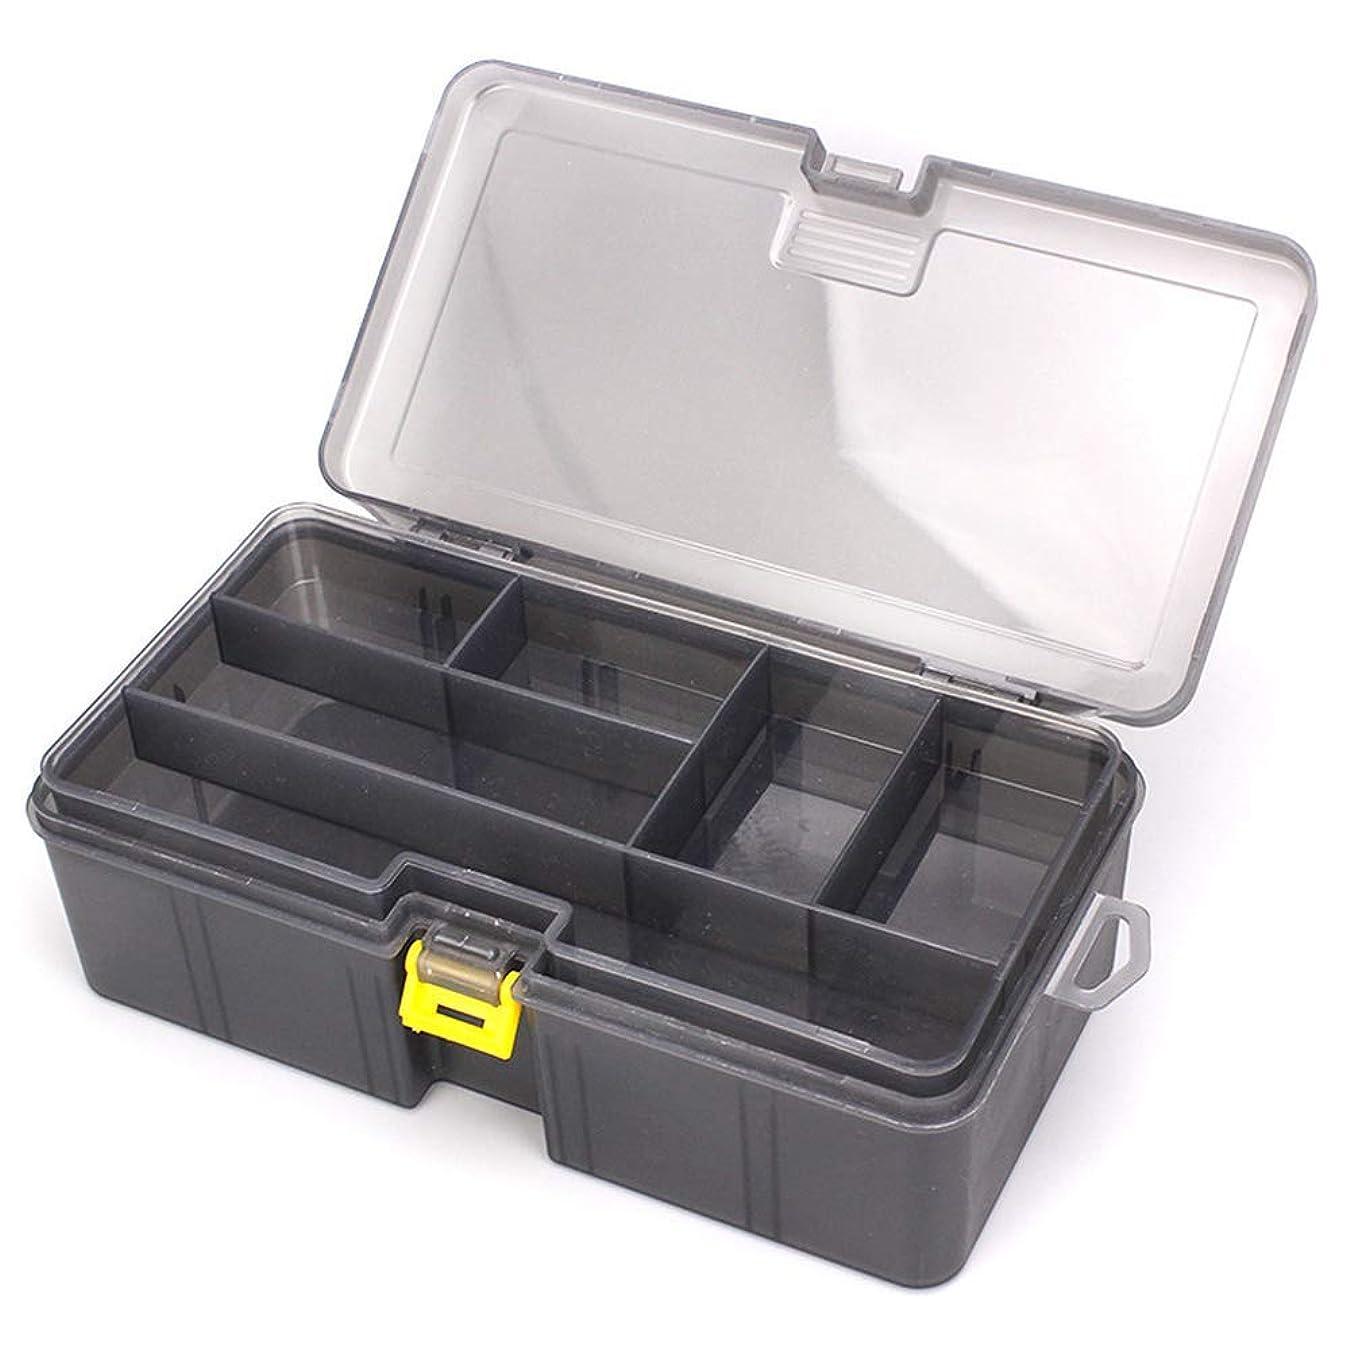 残る上向き正義THIBETA 太い2層ロードサブボックス ポリプロピレン素材 ルアーアクセサリー ツールボックス プラスチックボックス 釣り用品